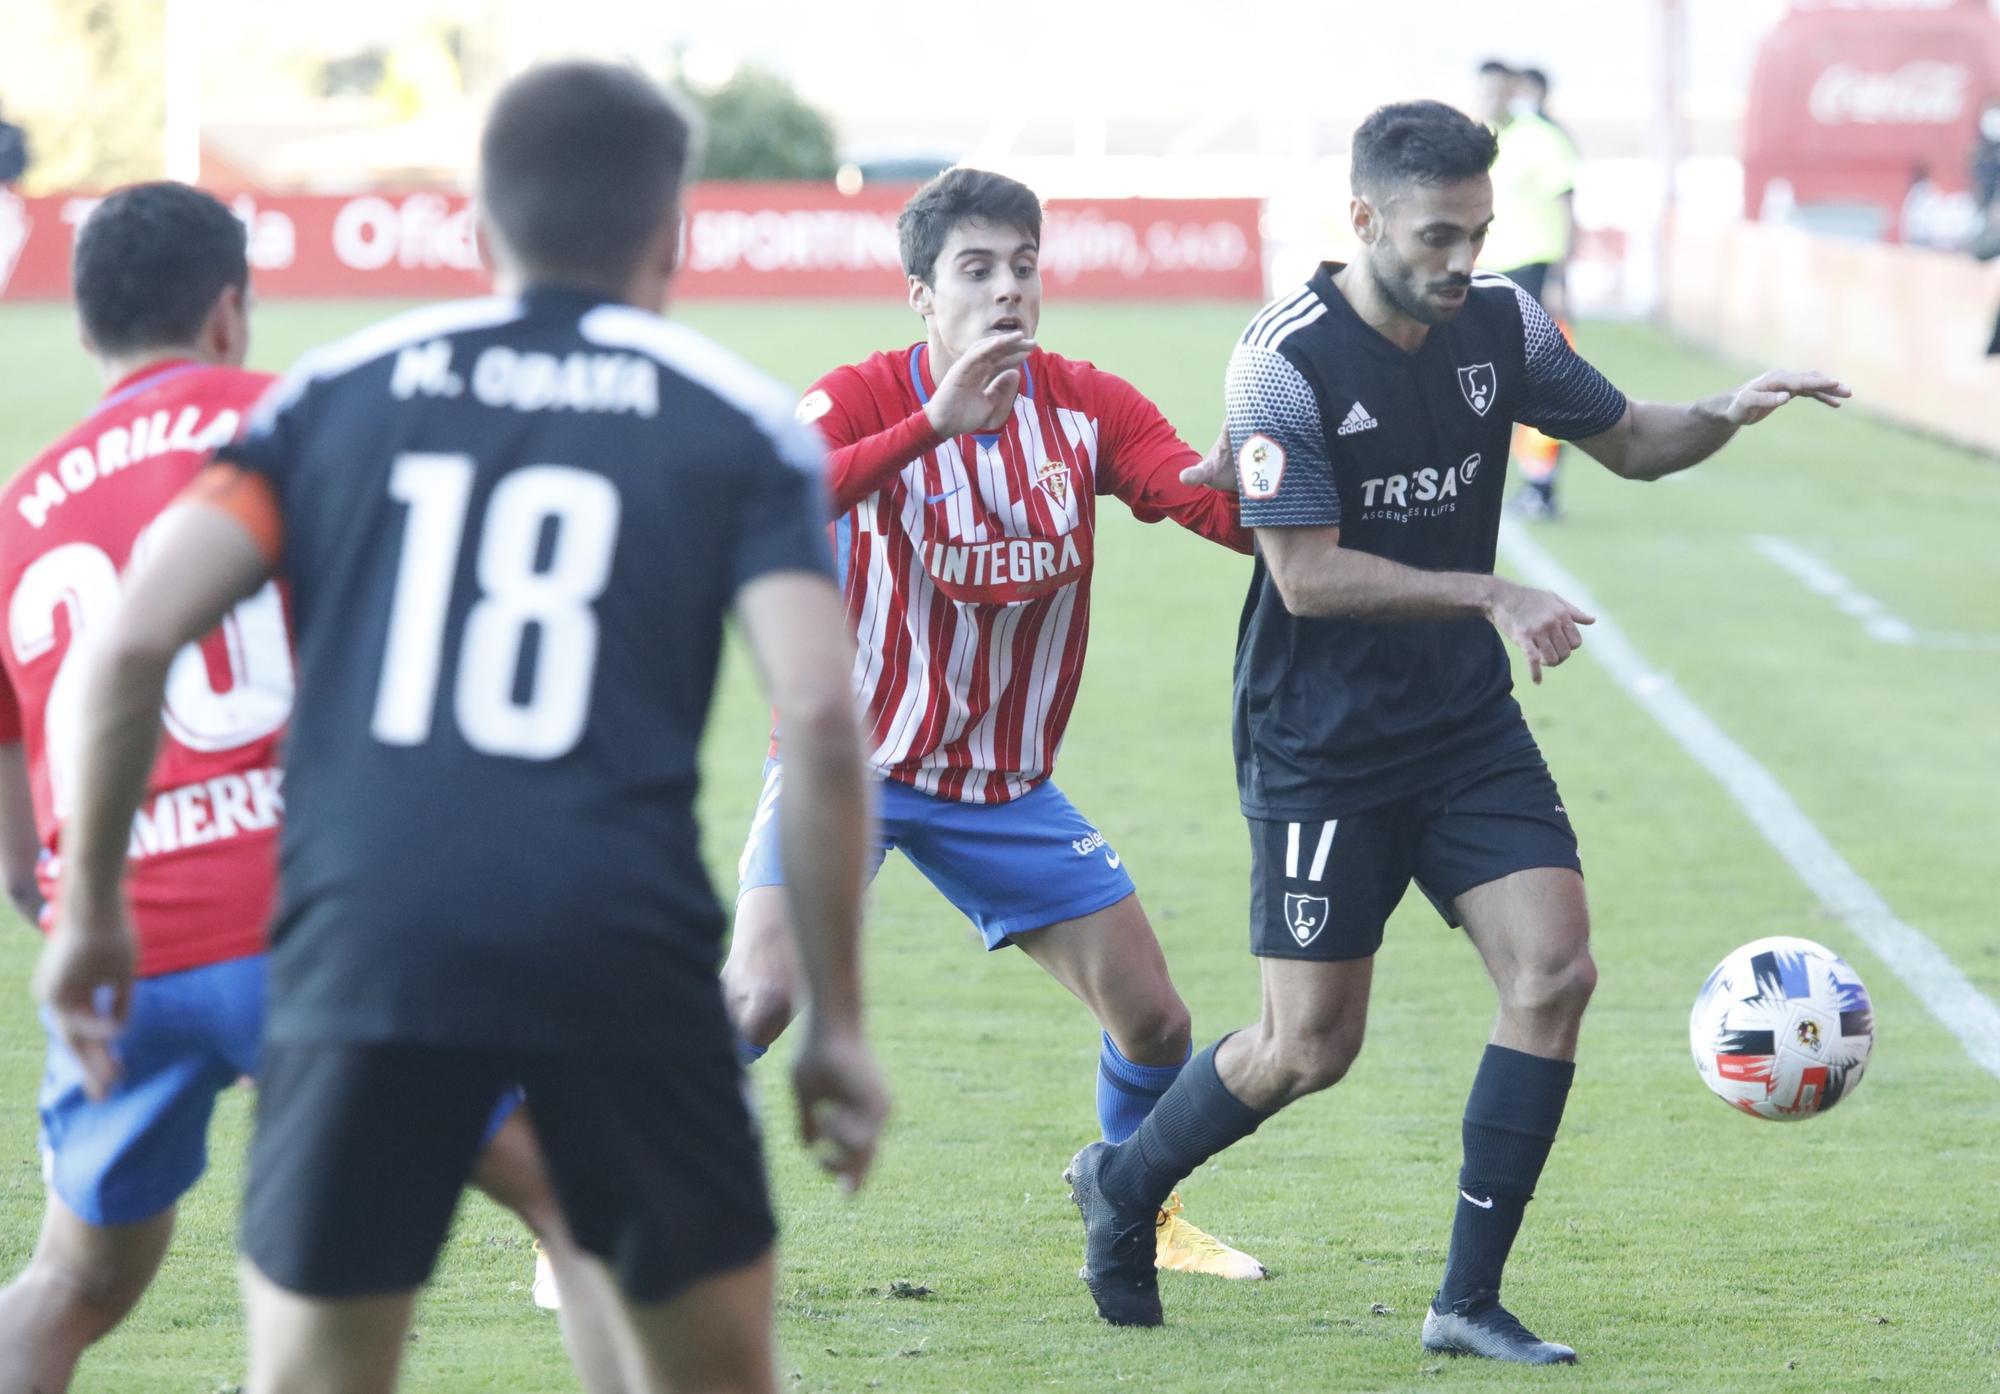 Les meilleures images des matchs Vetusta, Sporting B et Lealtad